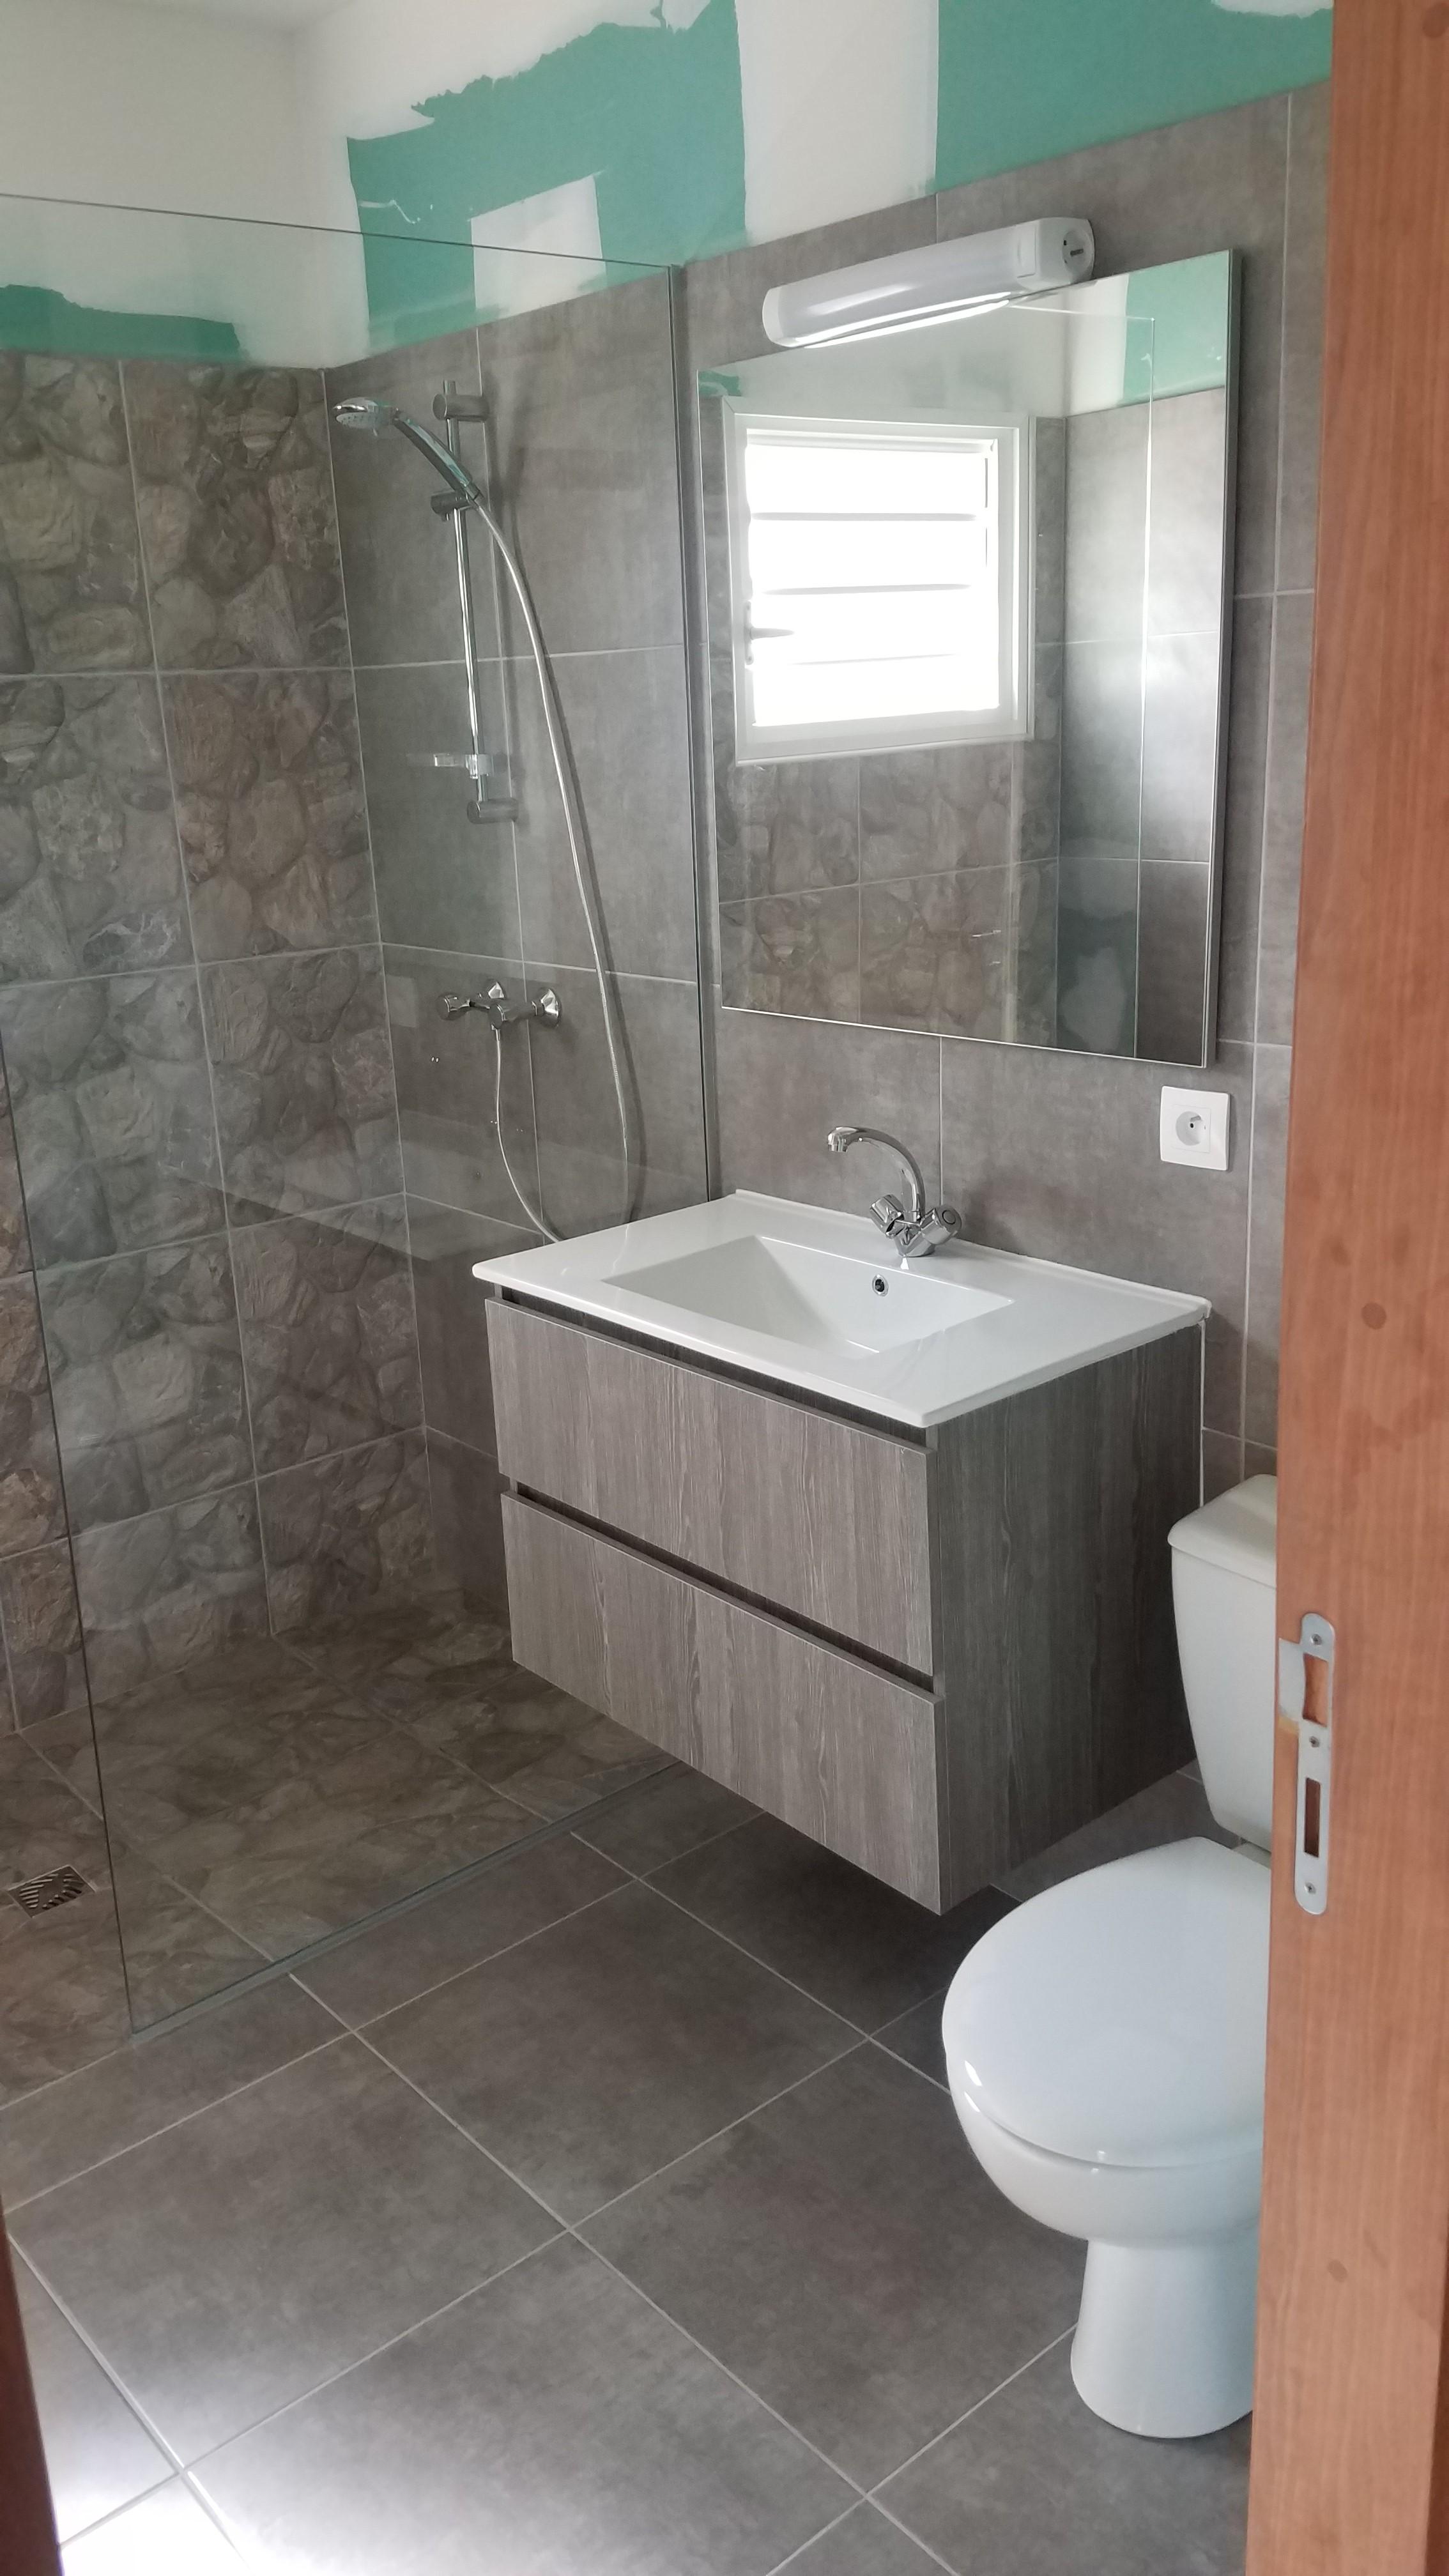 Le meuble vasque provient de chez Courtot Revet Sol ainsi que le carrelage.